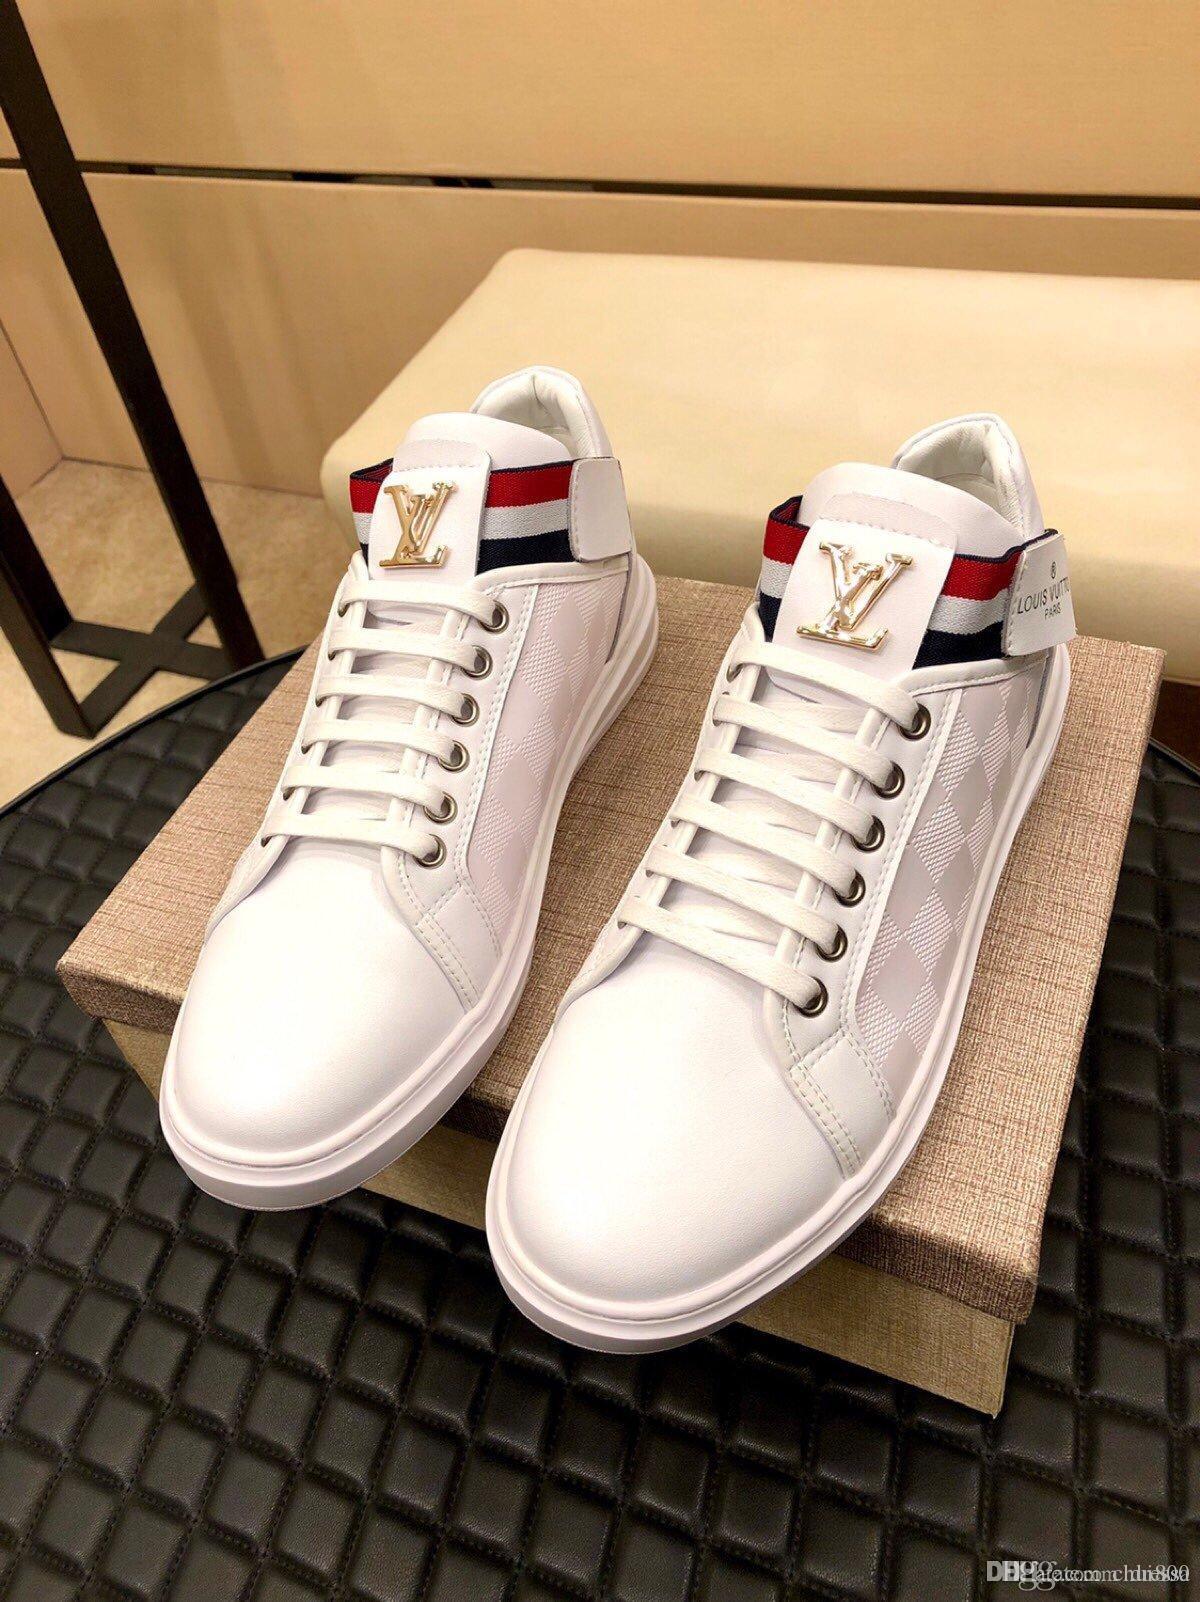 zapatos de los hombres de moda New6 deportes ocasionales respirables de la tendencia de la personalidad de los zapatos de los hombres de los zapatos de los hombres de negocios cómodos de viaje Zapat